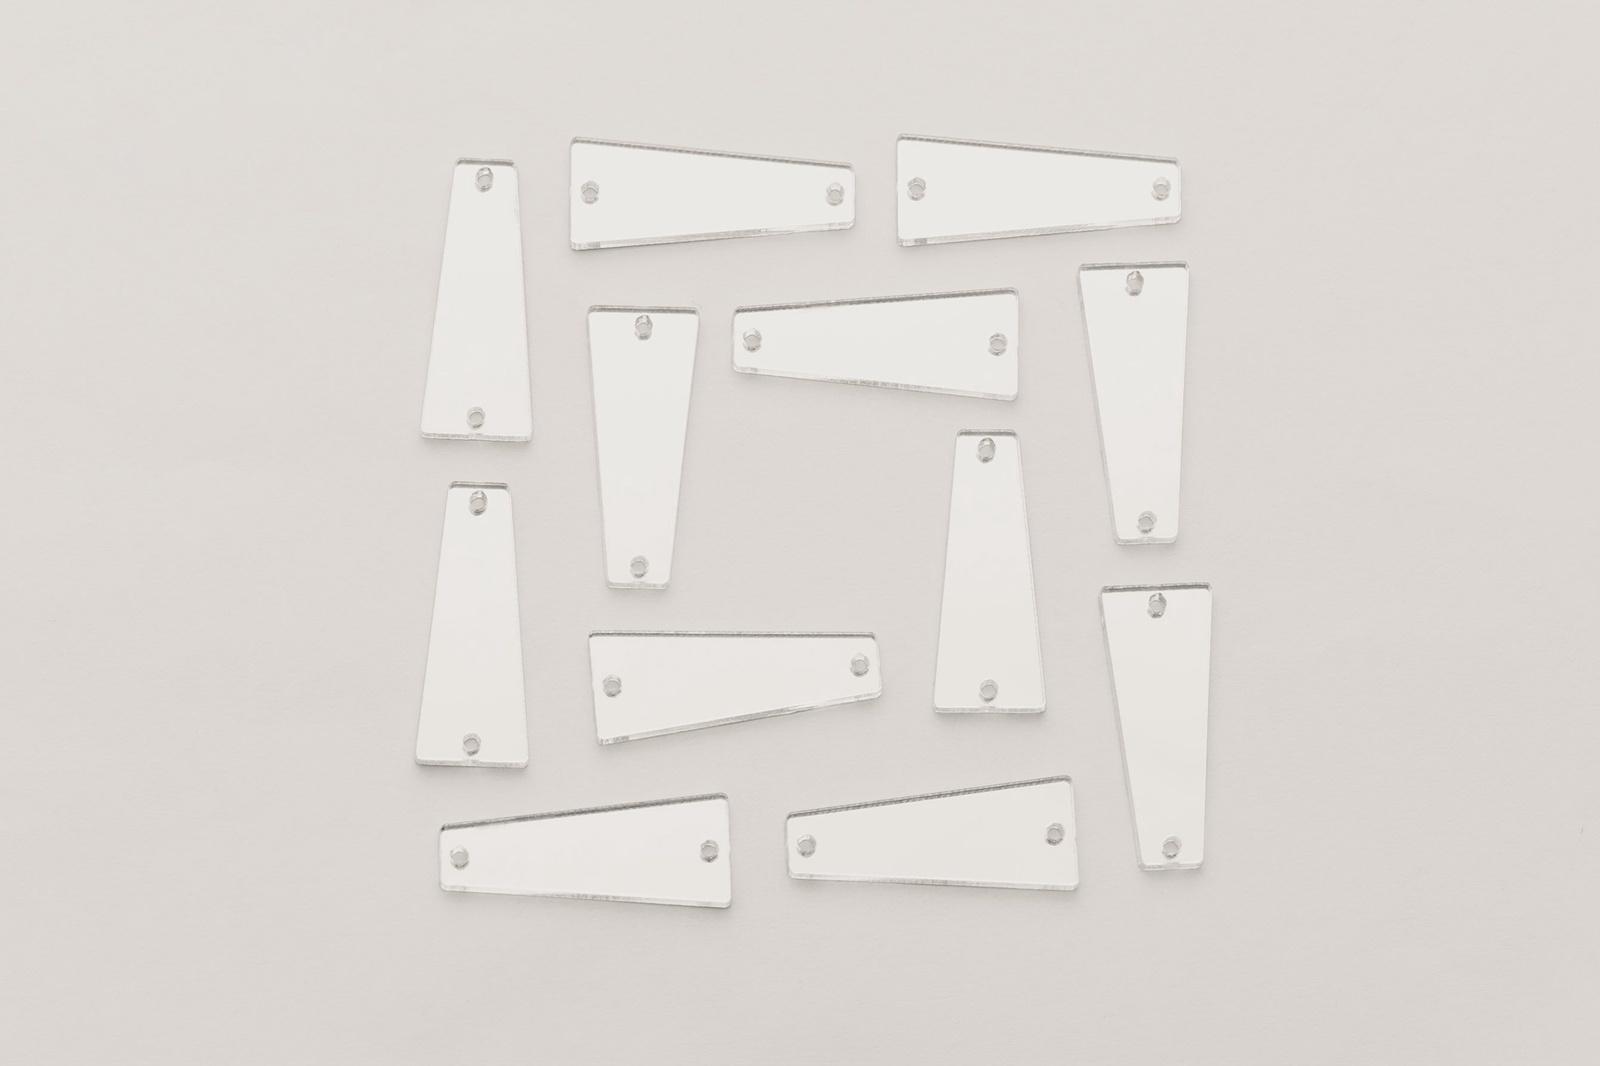 CASP Lase ТРАП2711 Комплект акриловых пришивных зеркал/страз Трапеция 27х11